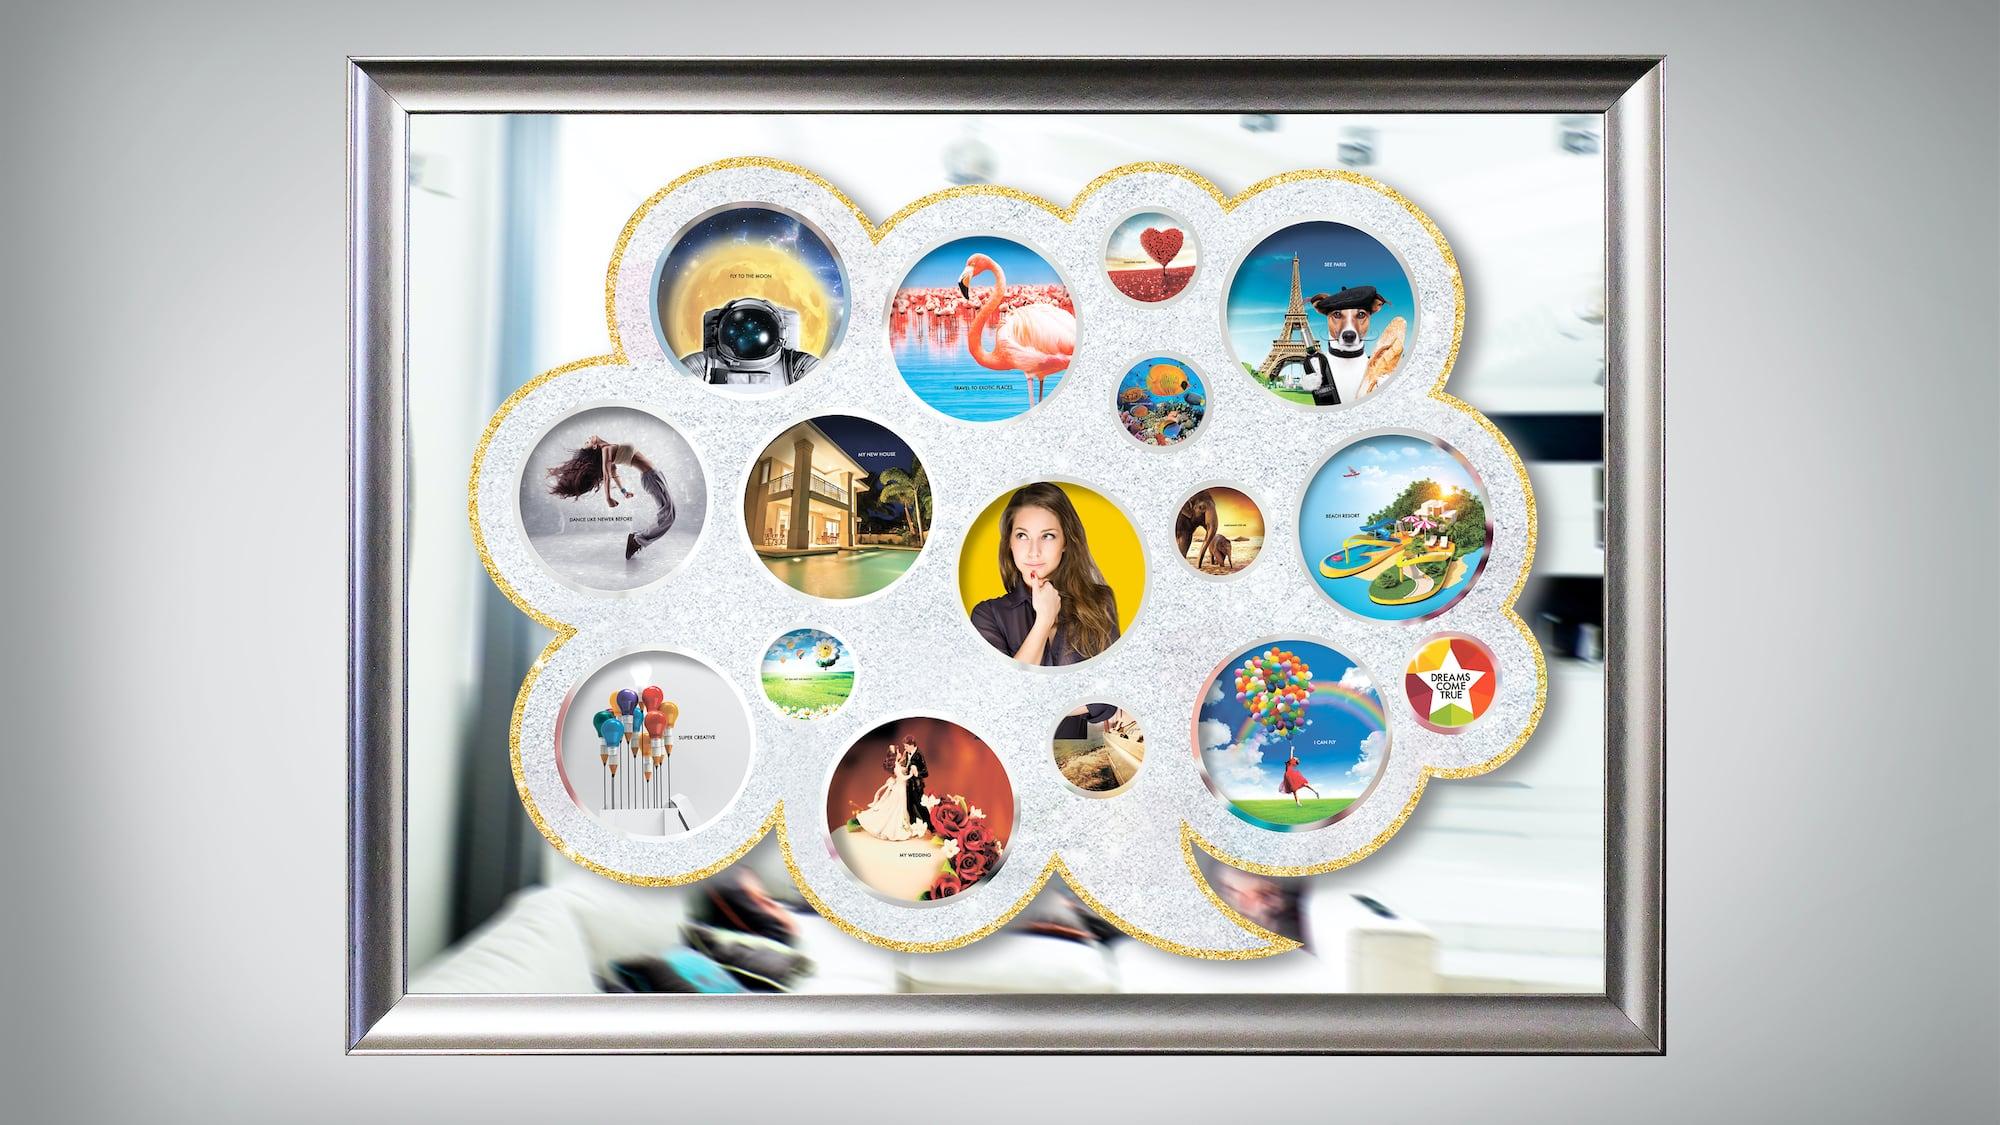 Dreams Come True Vision Board Set provides you with 100 dream ideas